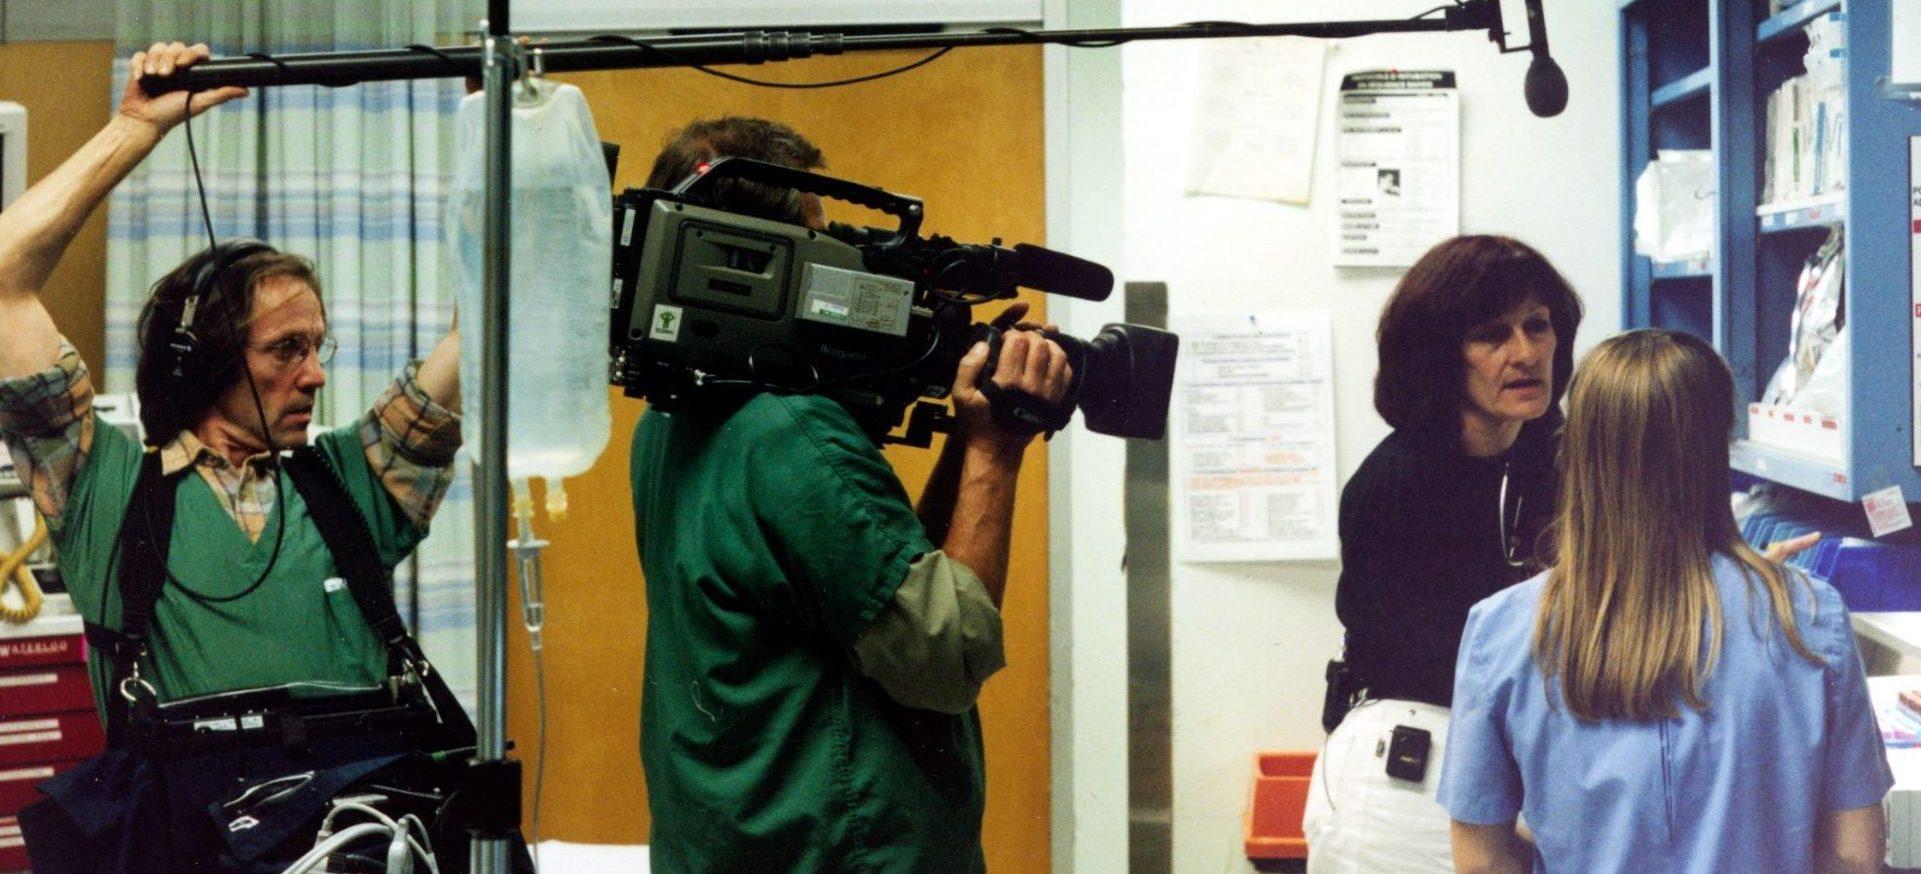 Un documentaire percutant sur le travail du personnel infirmier